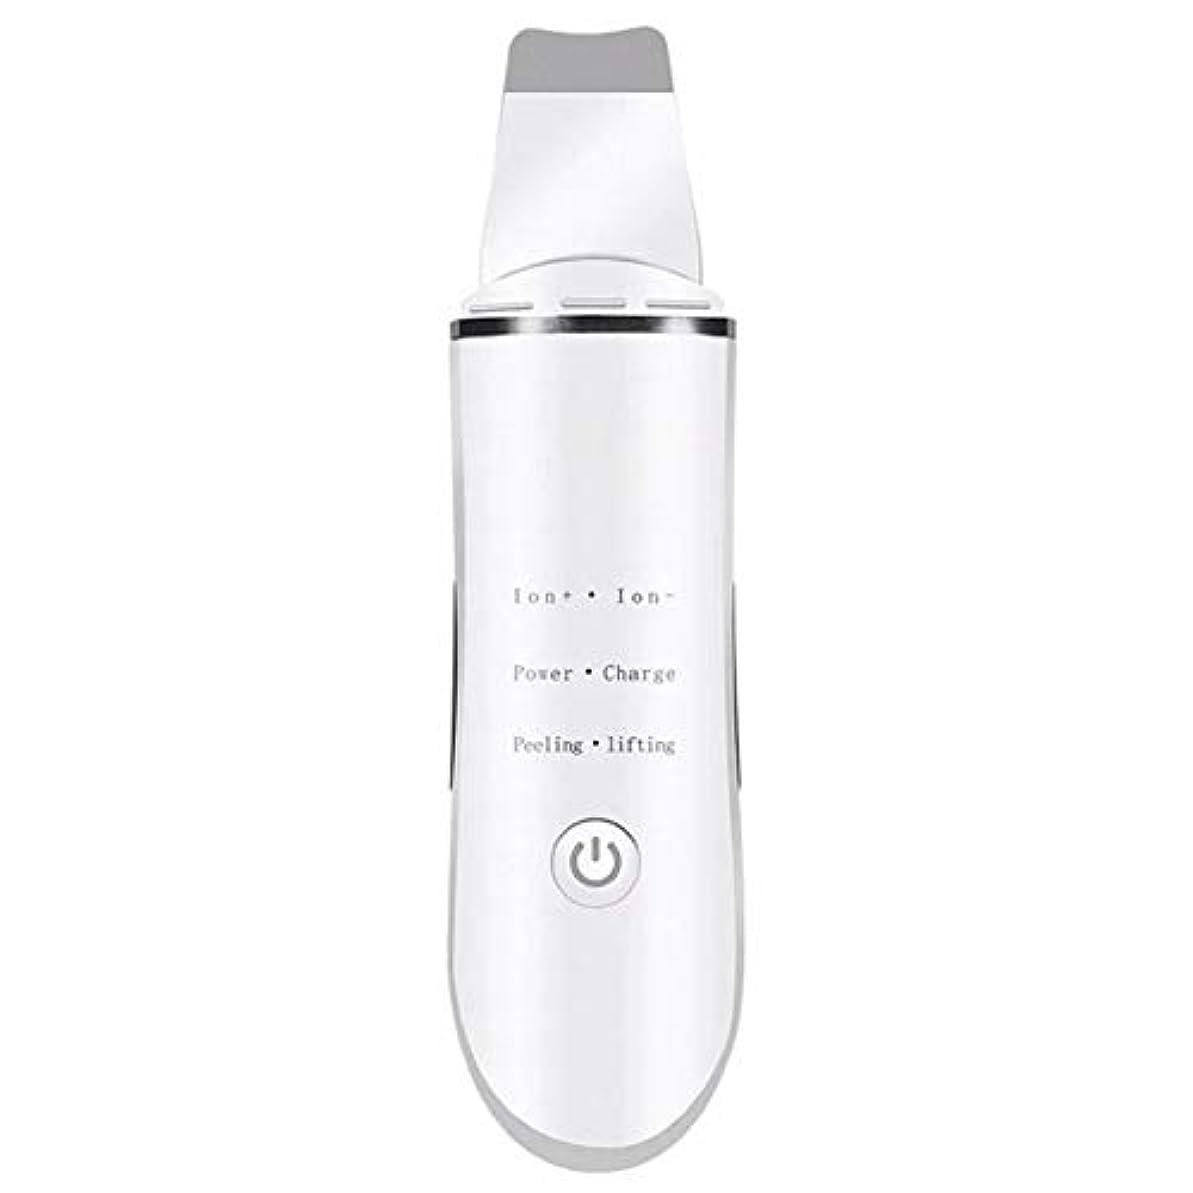 精度ばかげているこどもの日にきび除去剤, にきびを取り除く きれいな毛穴 顔を持ち上げる 超音波ショベル イオンクリーニング 電気美容器具